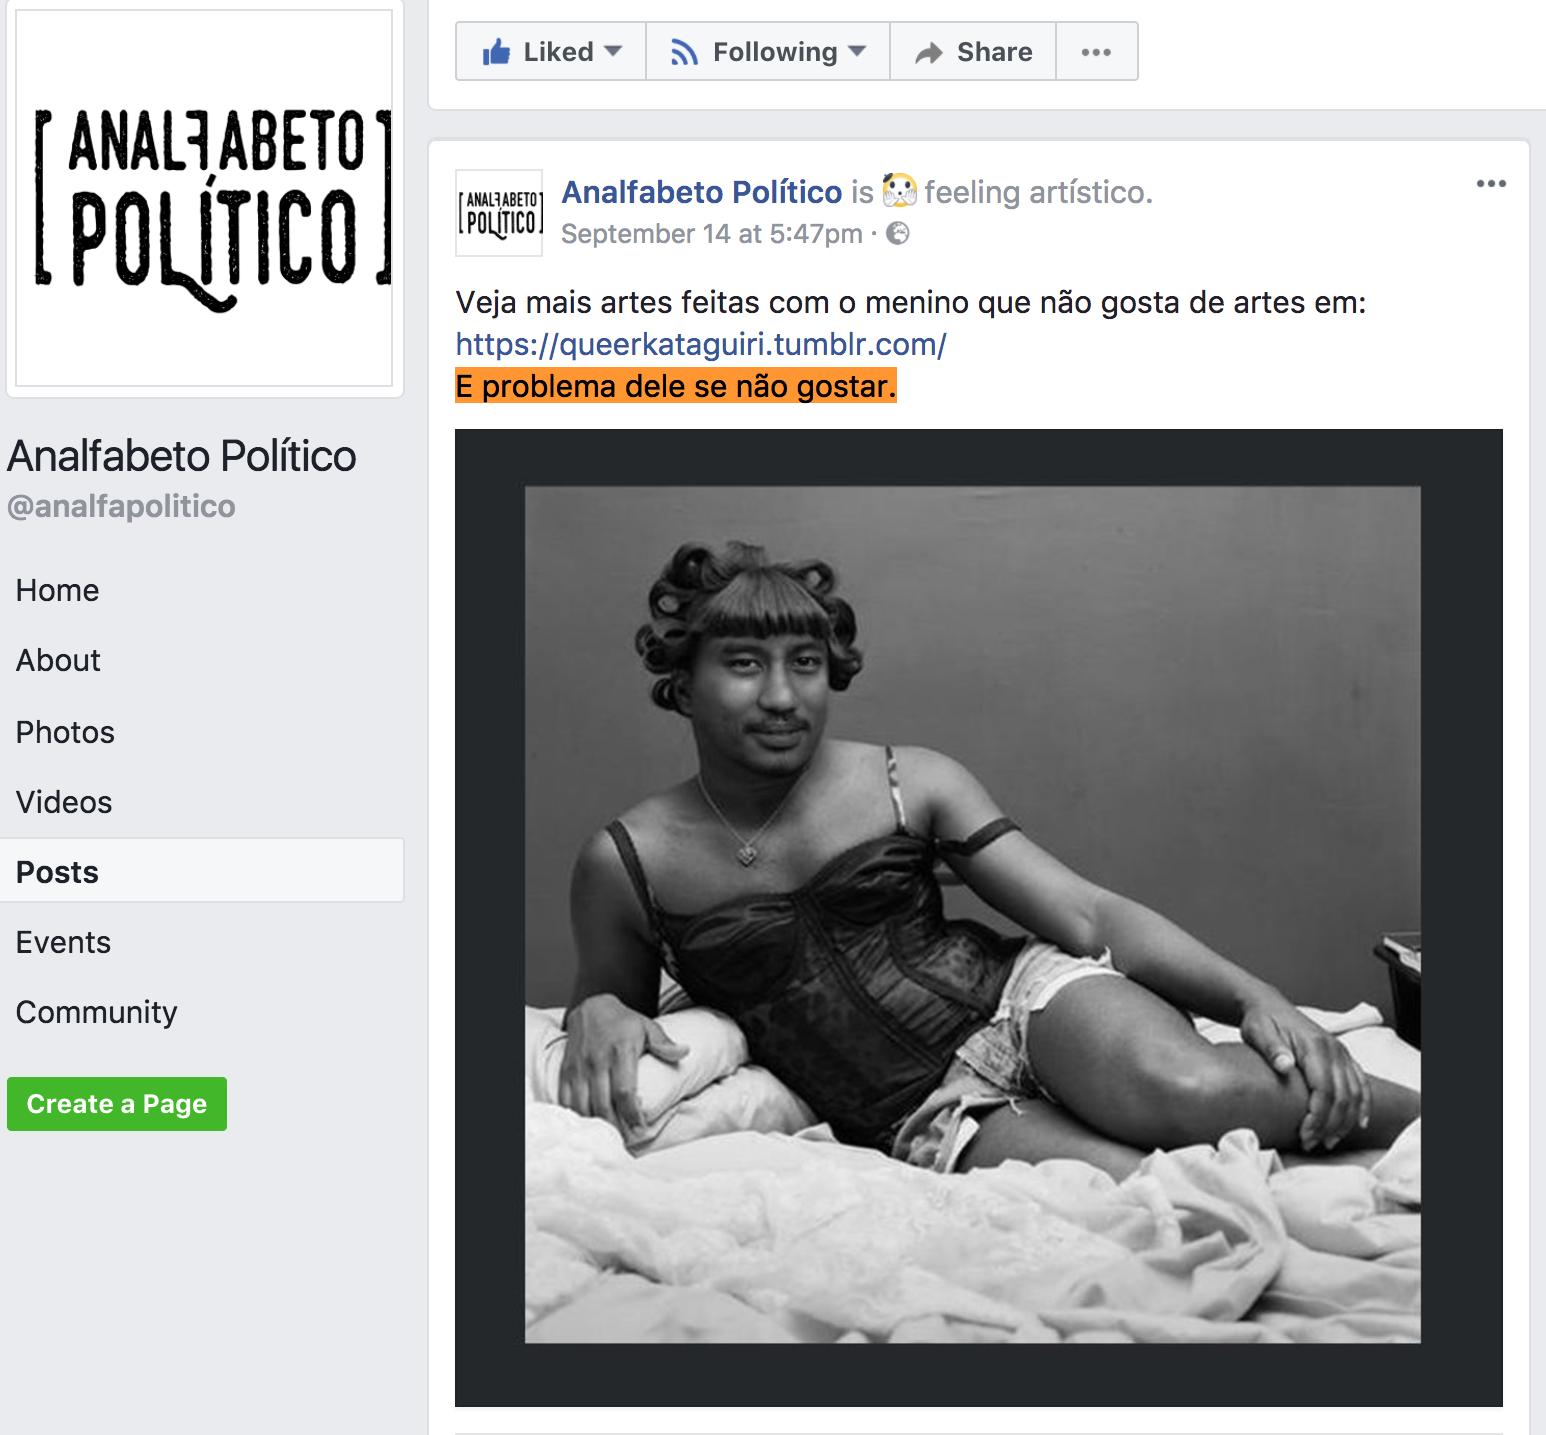 /Users/romulosoaresbrillo/Desktop/Screen Shot 2017-09-20 at 00.11.24.png